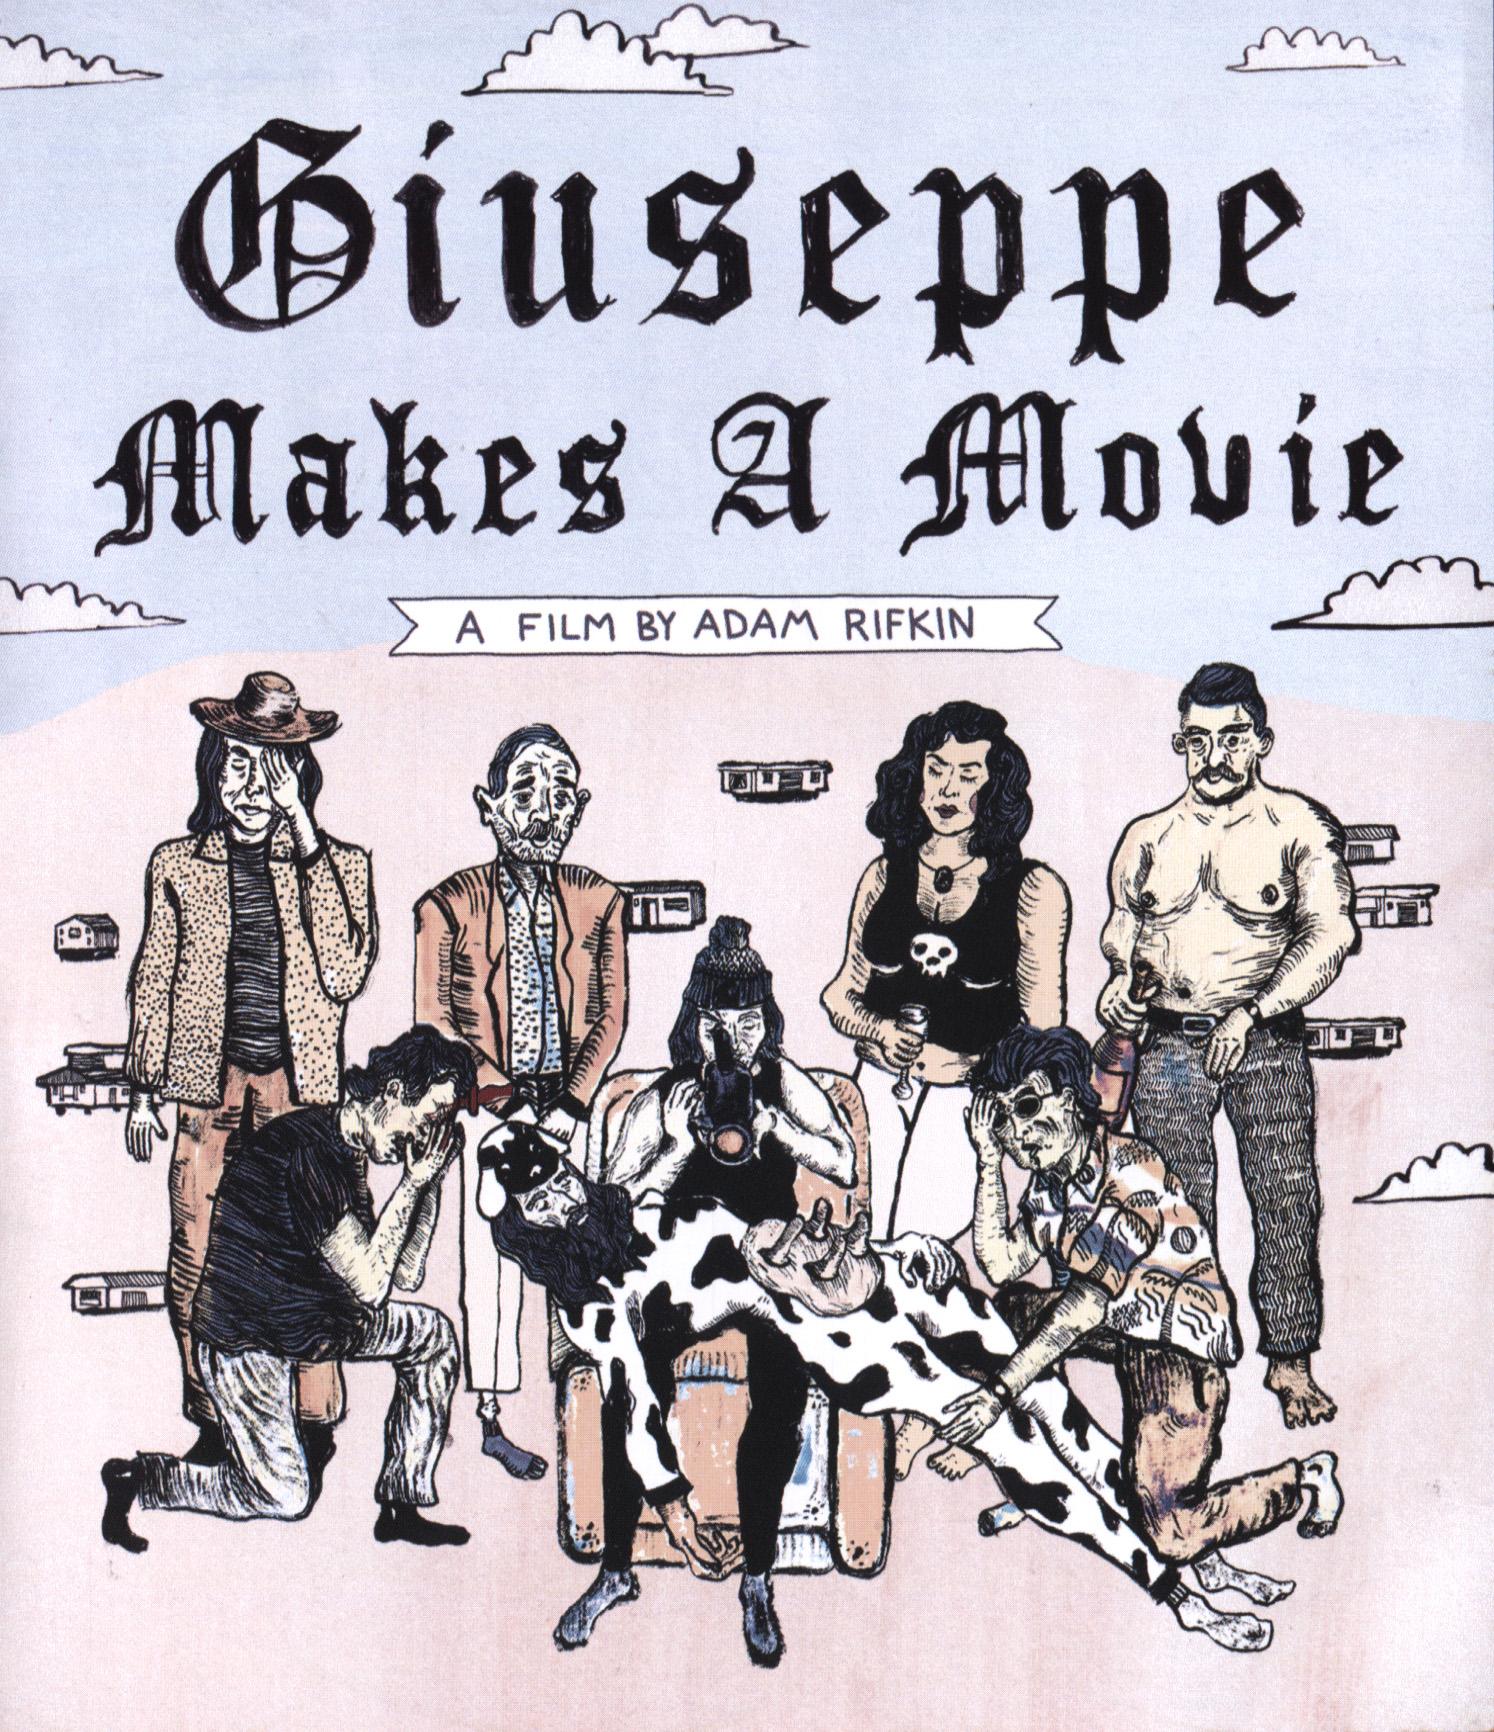 Giuseppe Makes A Movie [2 Discs] [blu-ray] 28008143